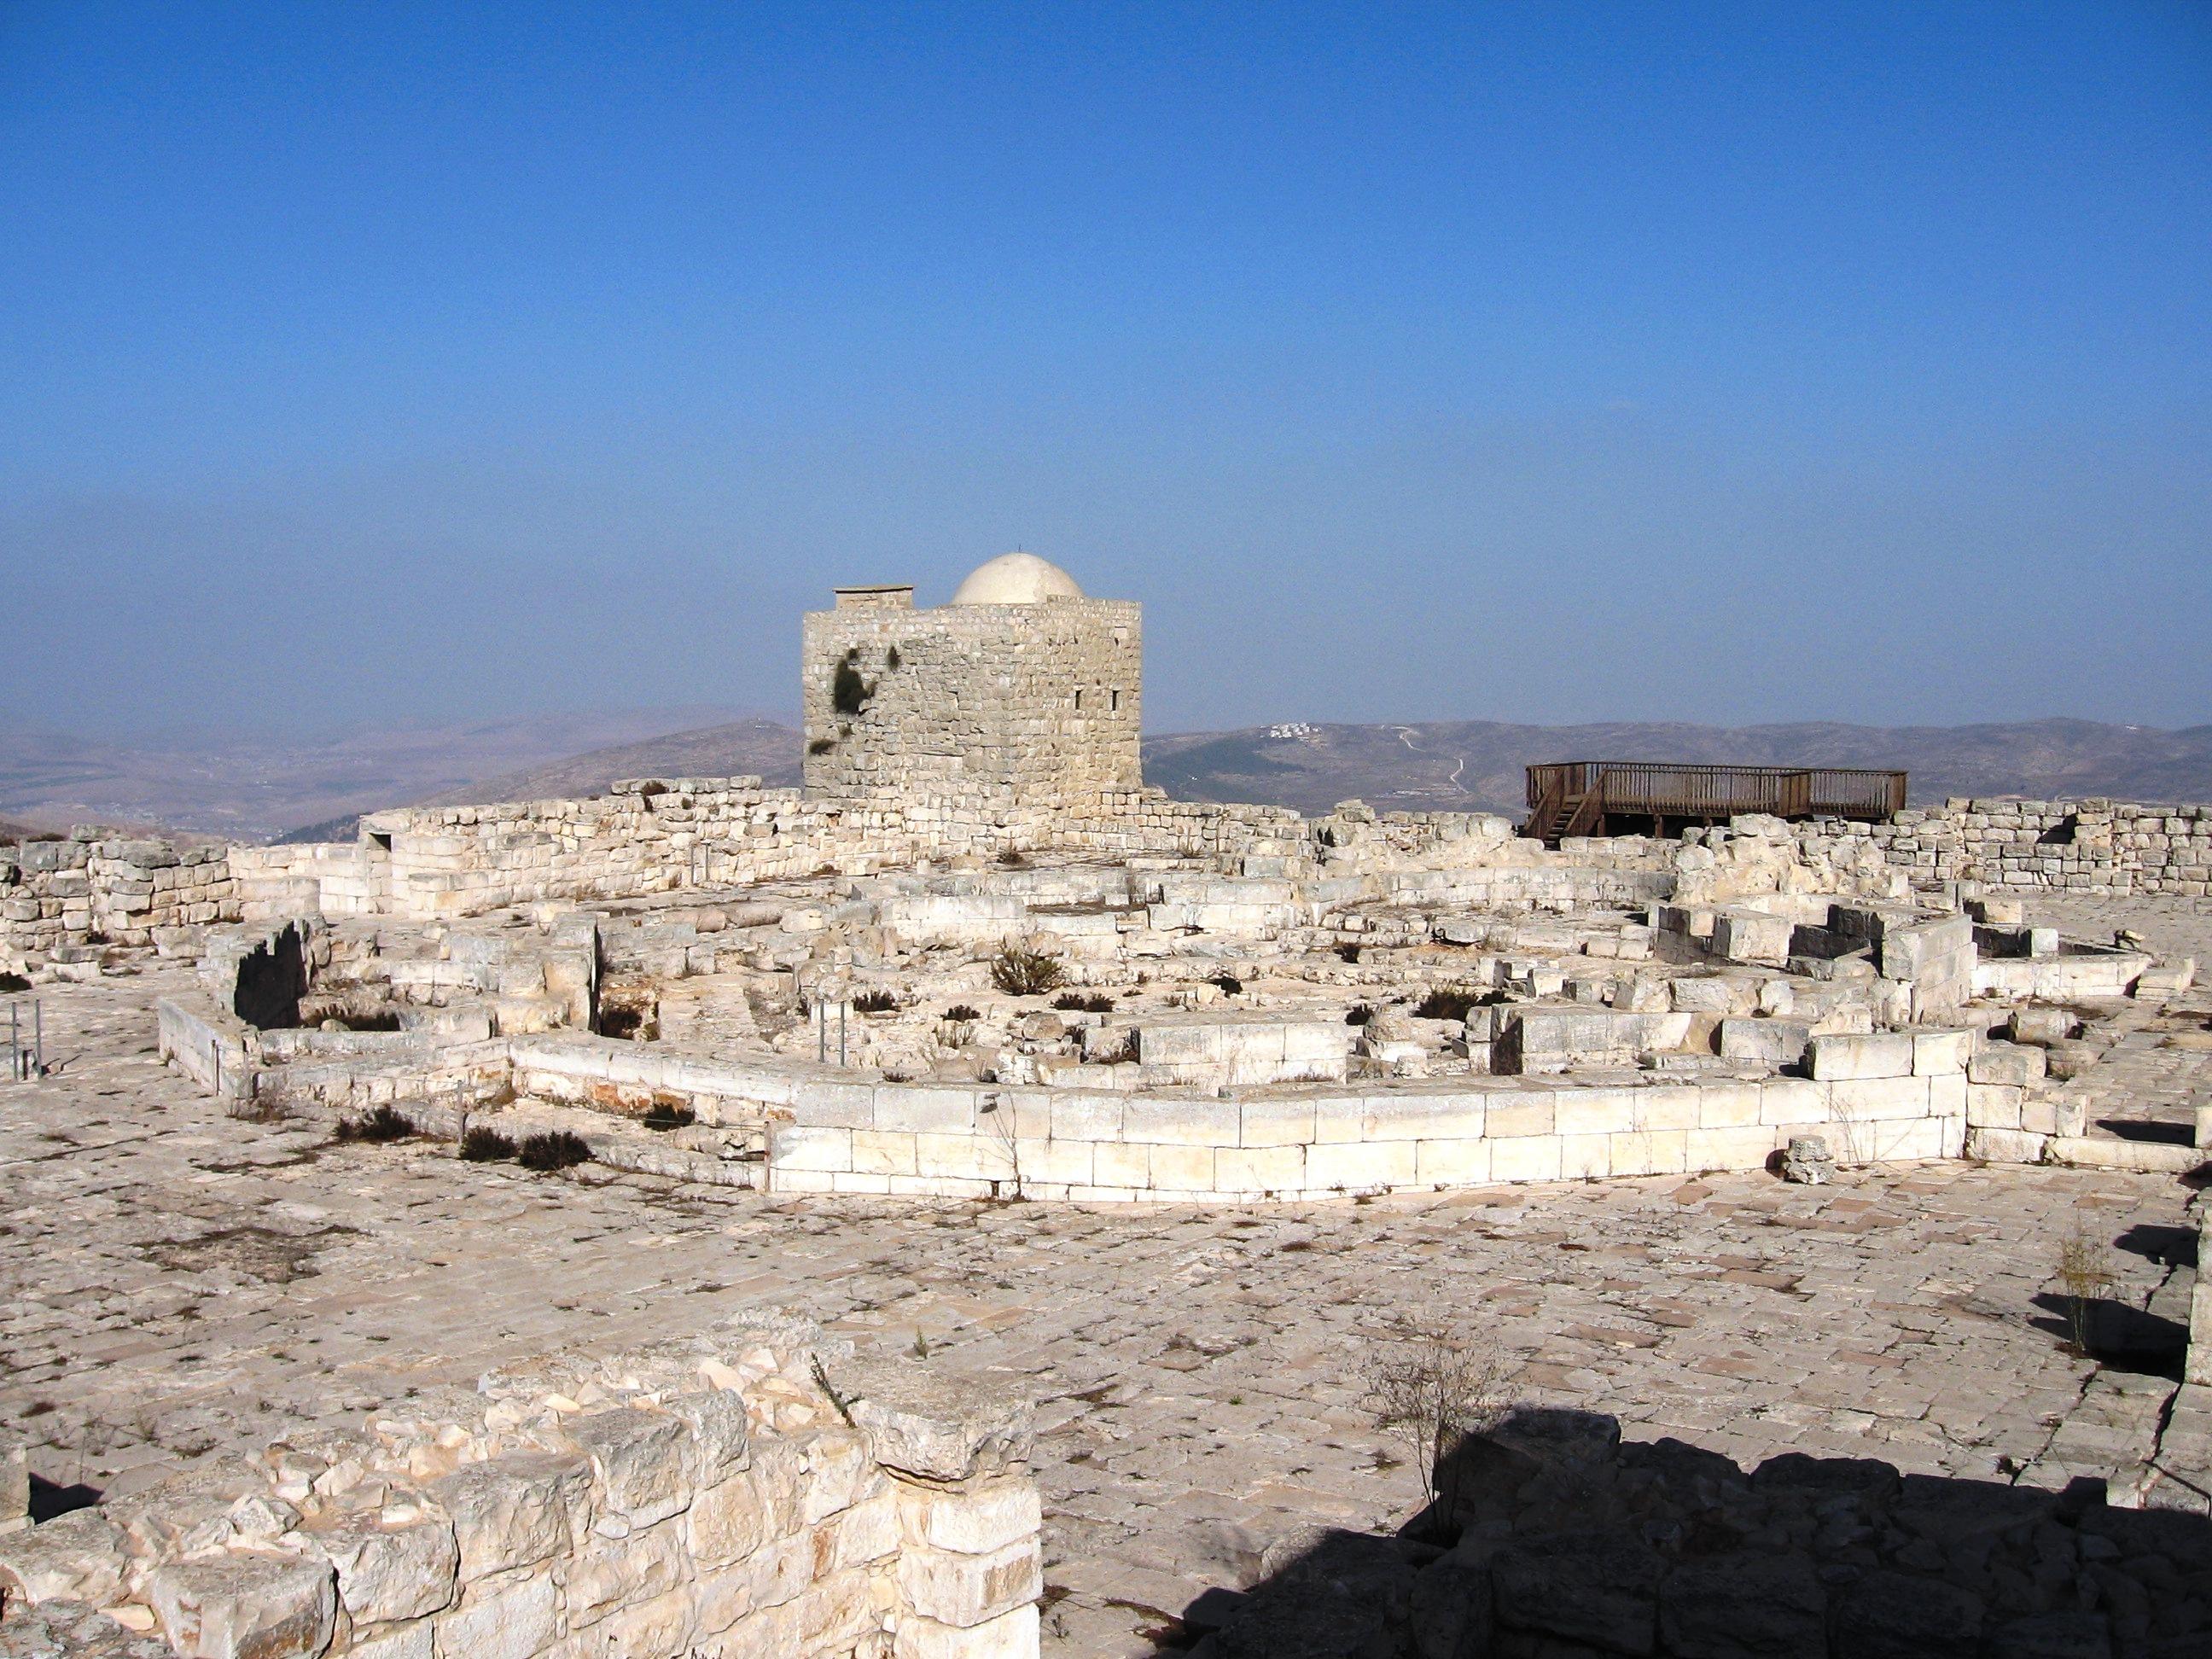 שרידי הכנסייה בהר גריזים (צילום: דניאל ונטורה)